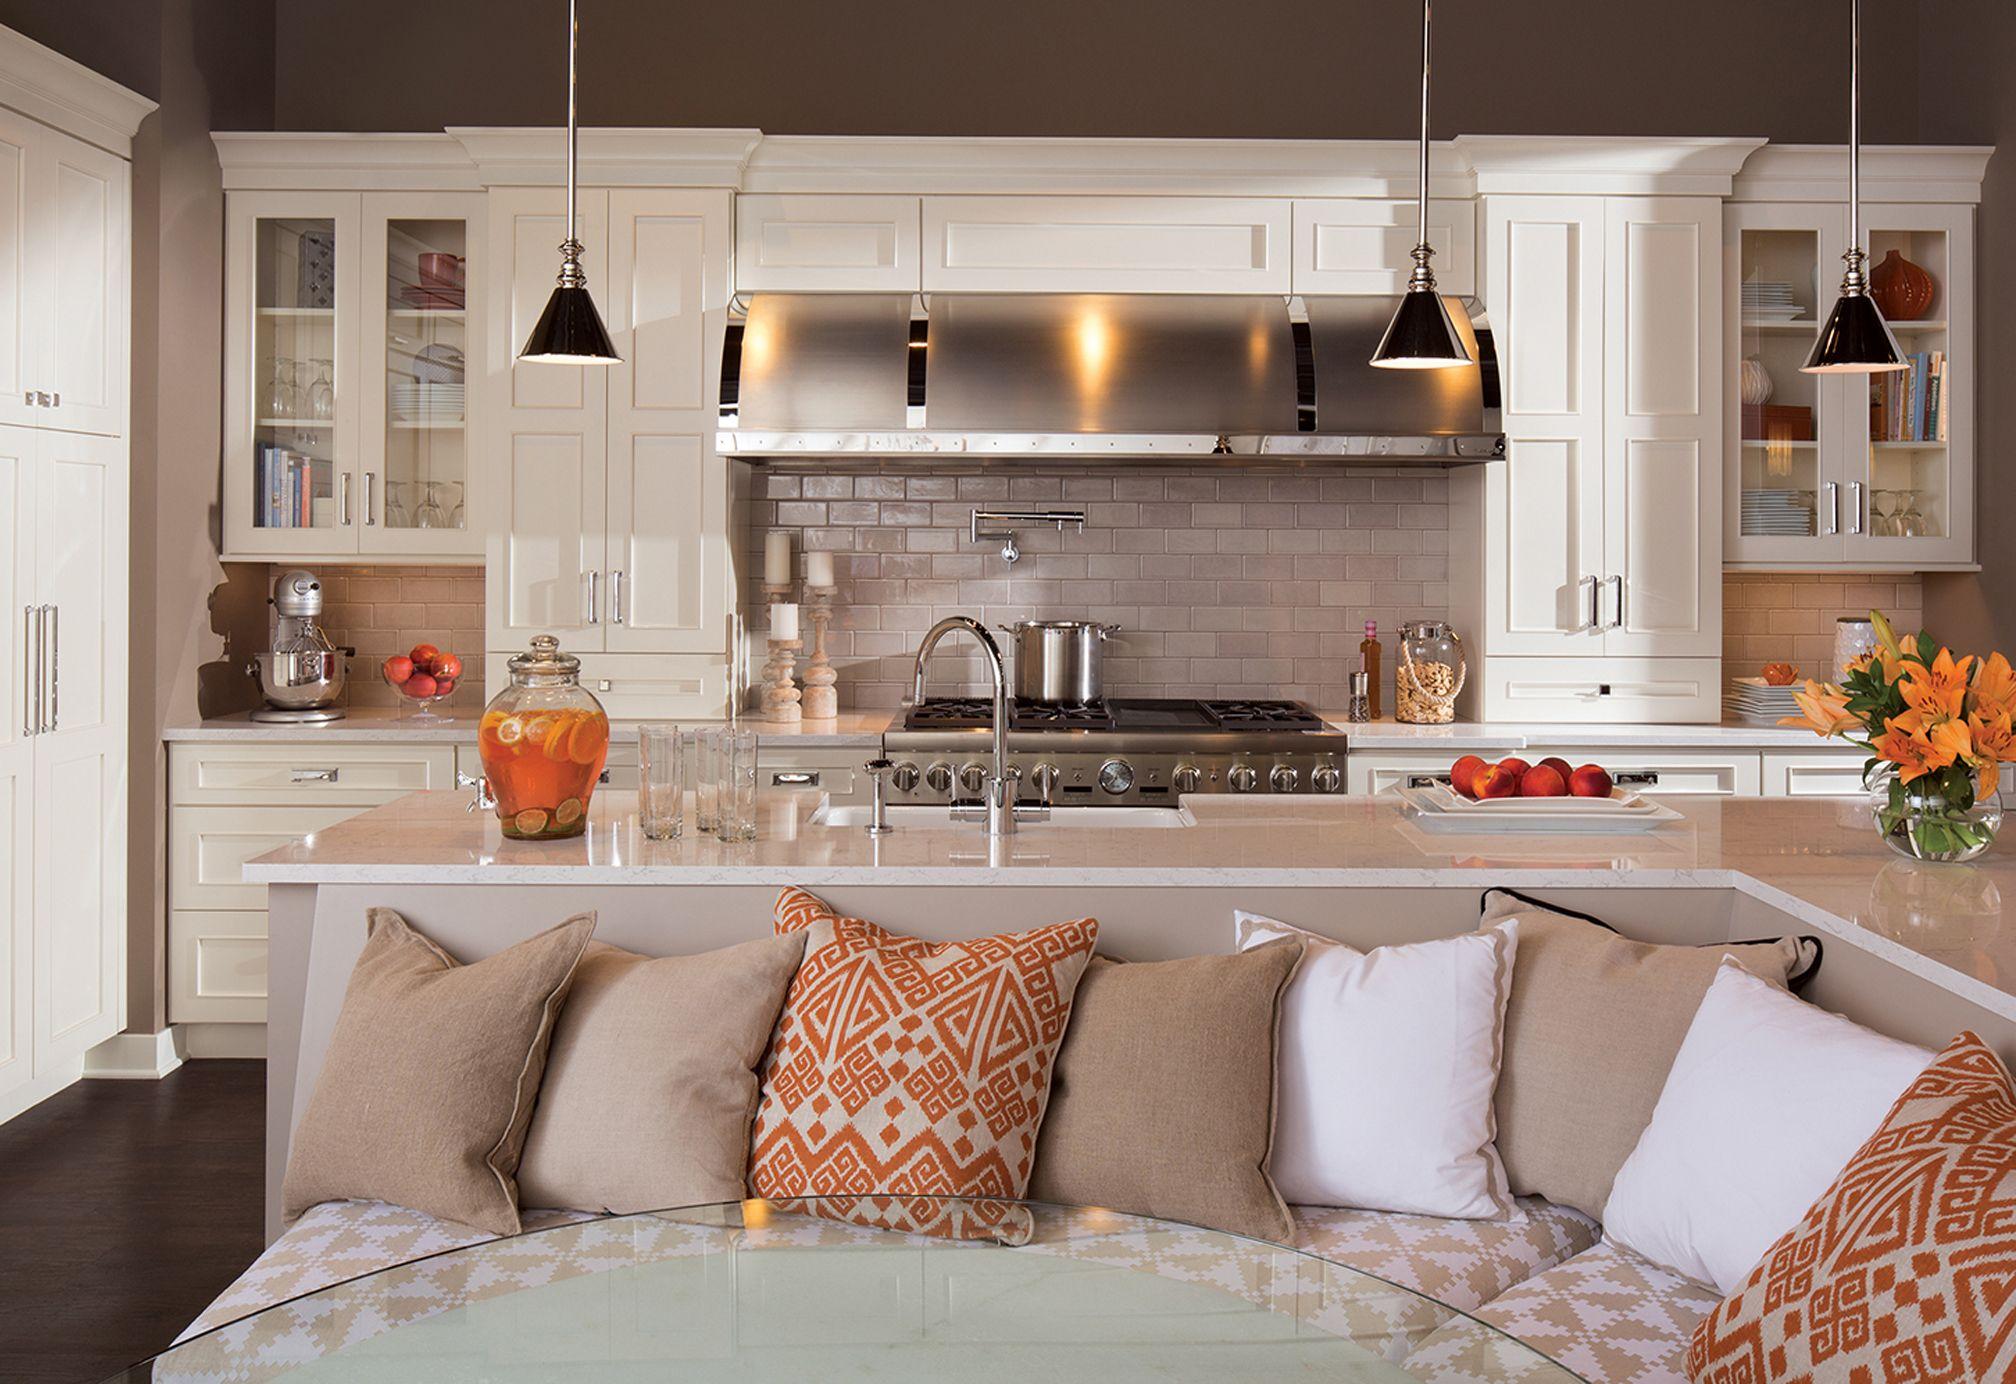 Gestalten sie ihre küche  umrühren küche insel sitze foto konzept  wenn sie die